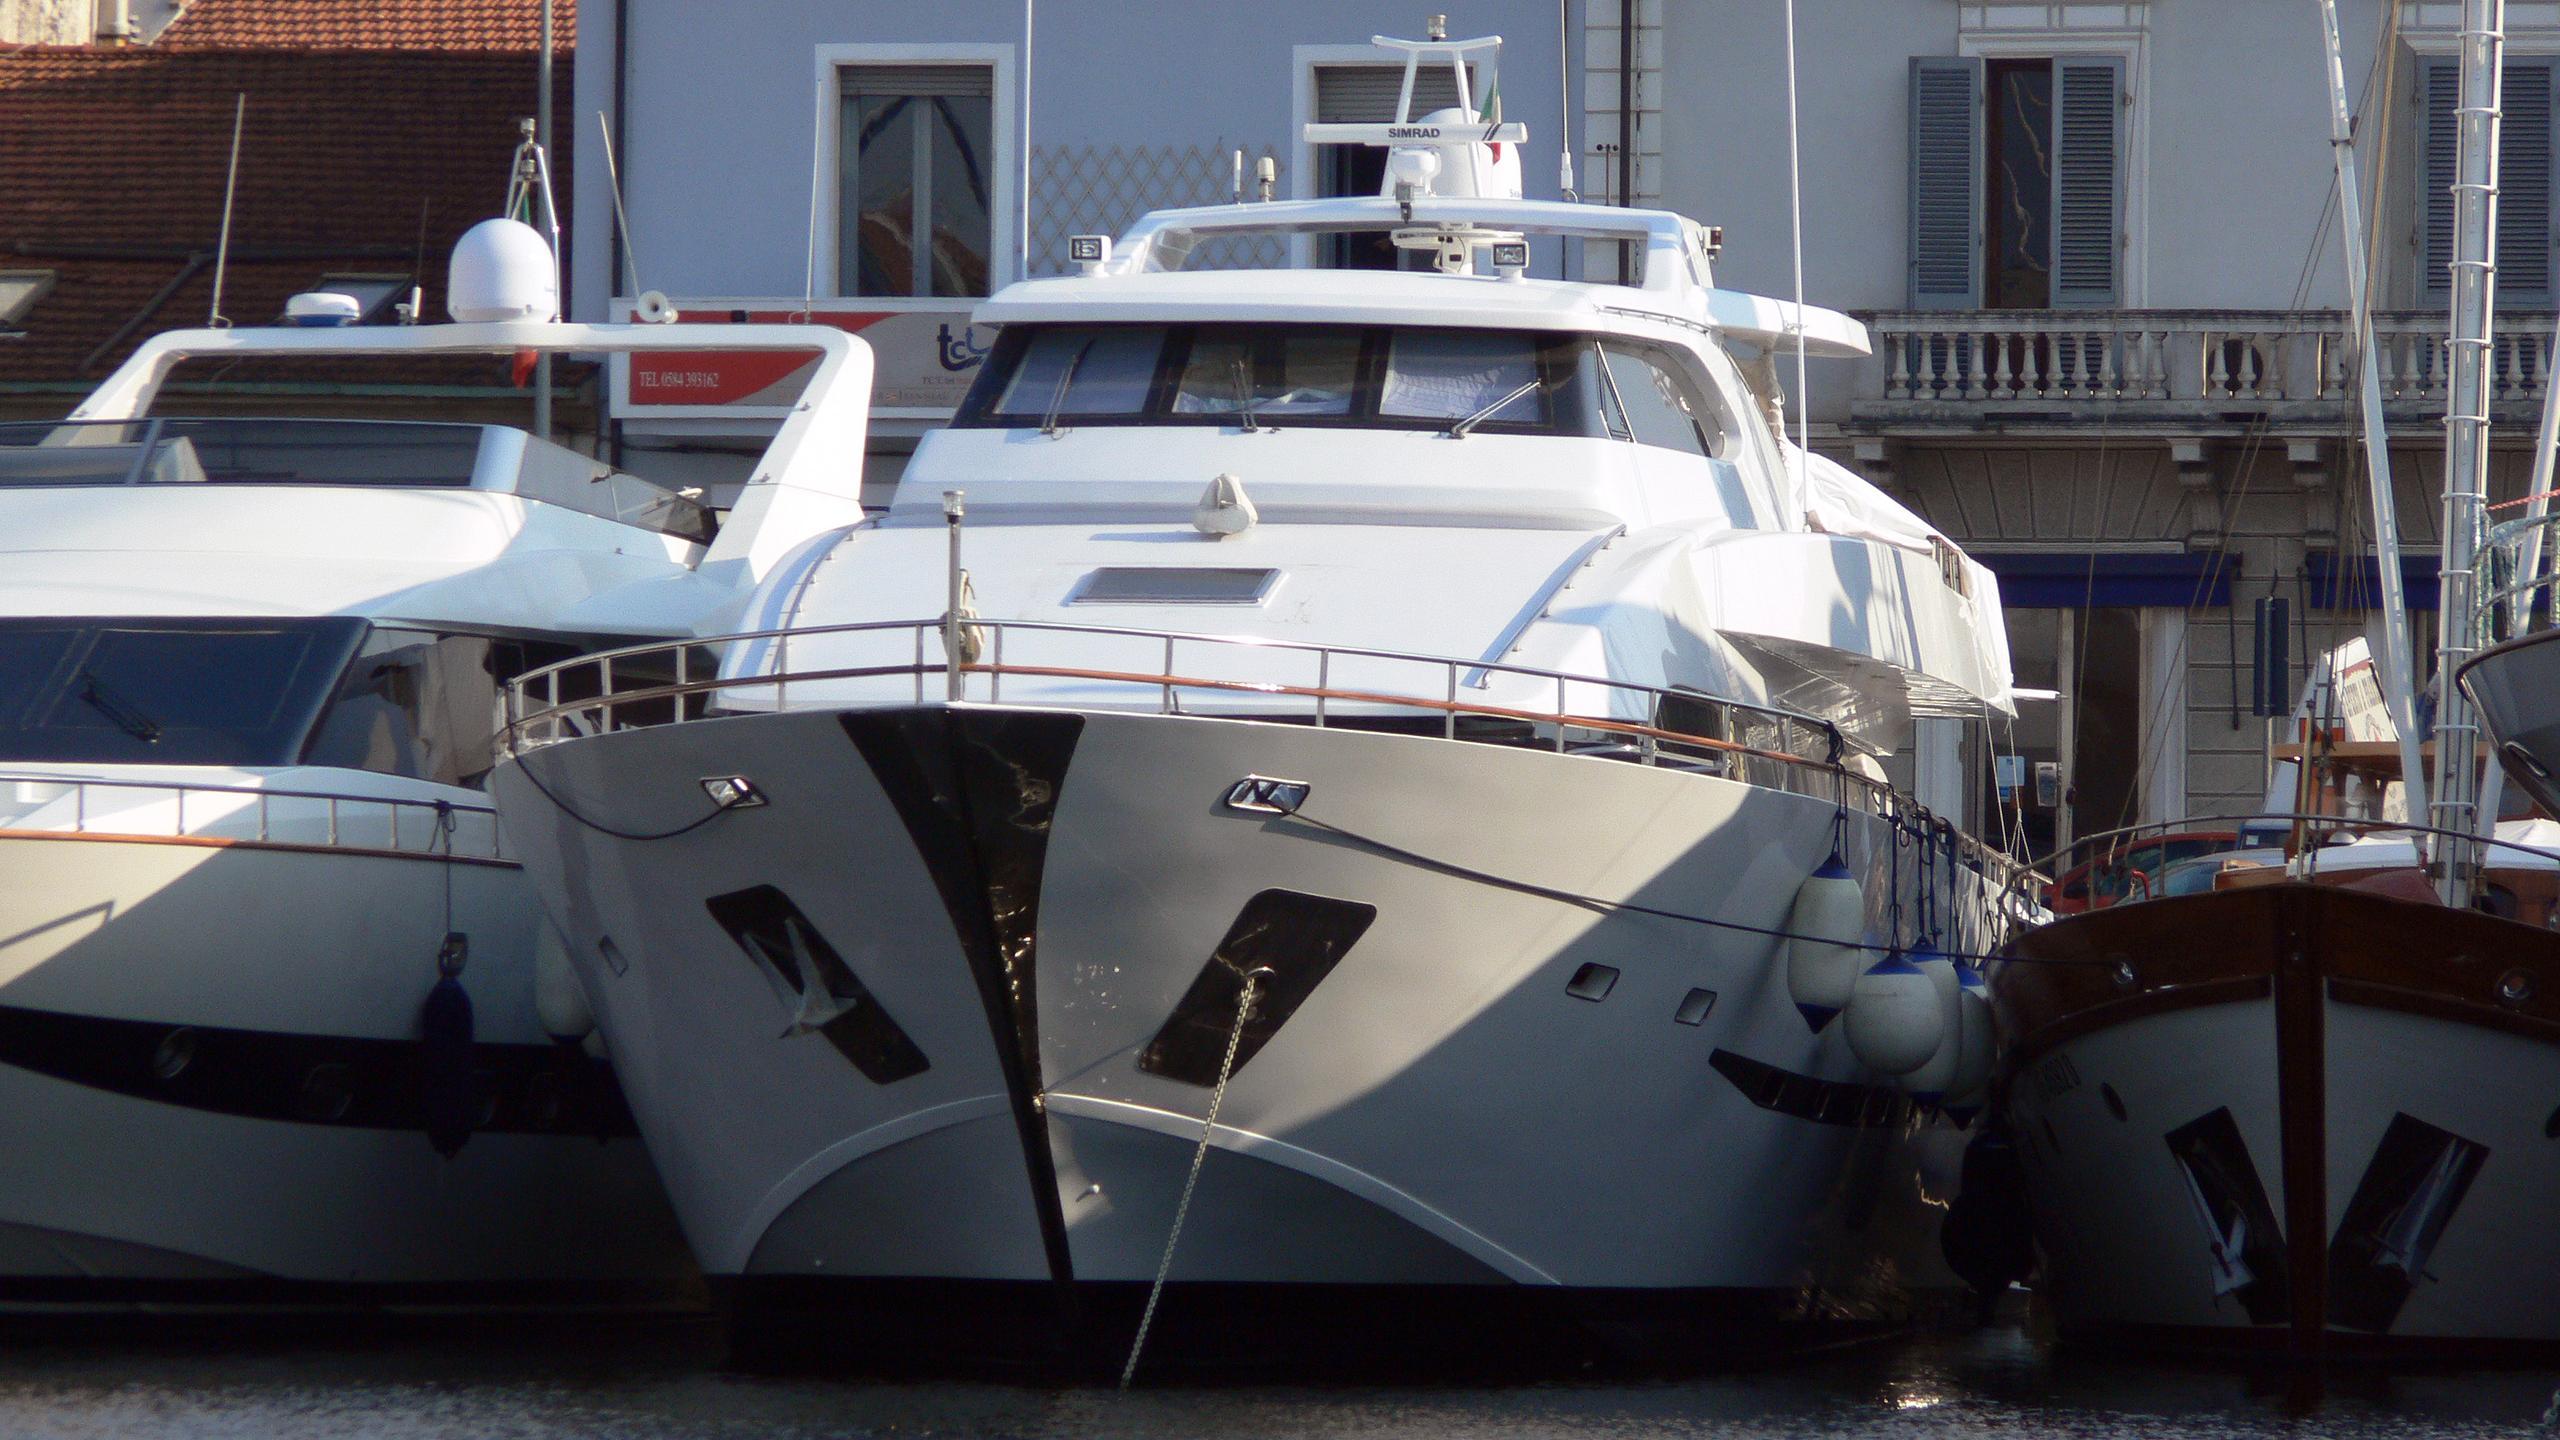 giava-motor-yacht-tigullio-castagnola-30m-2001-bow